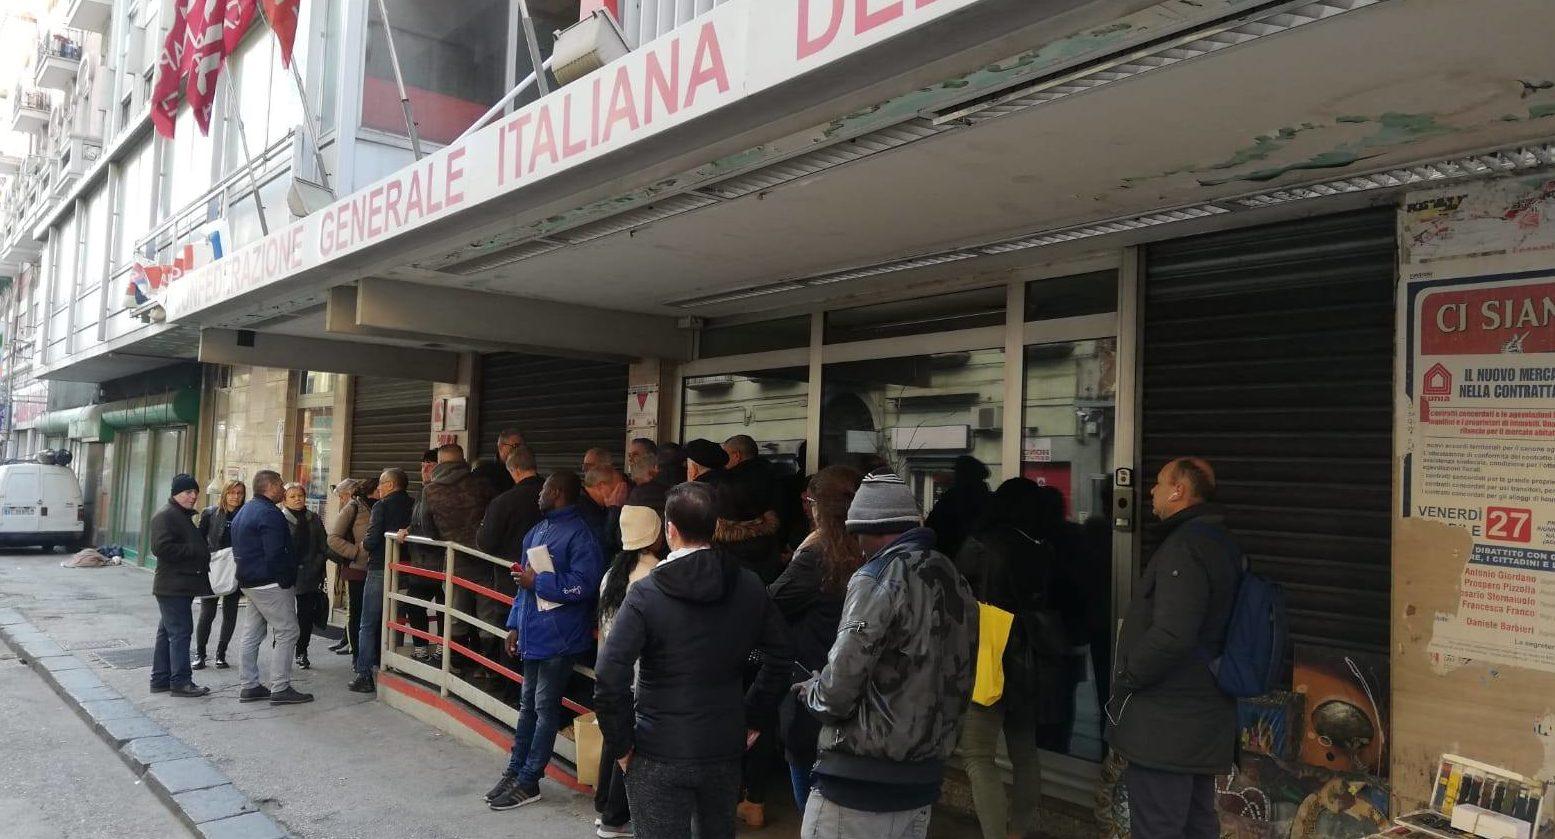 REDDITO DI CITTADINANZA: LE PRIME RICHIESTE AL CAAF CGIL CAMPANIA